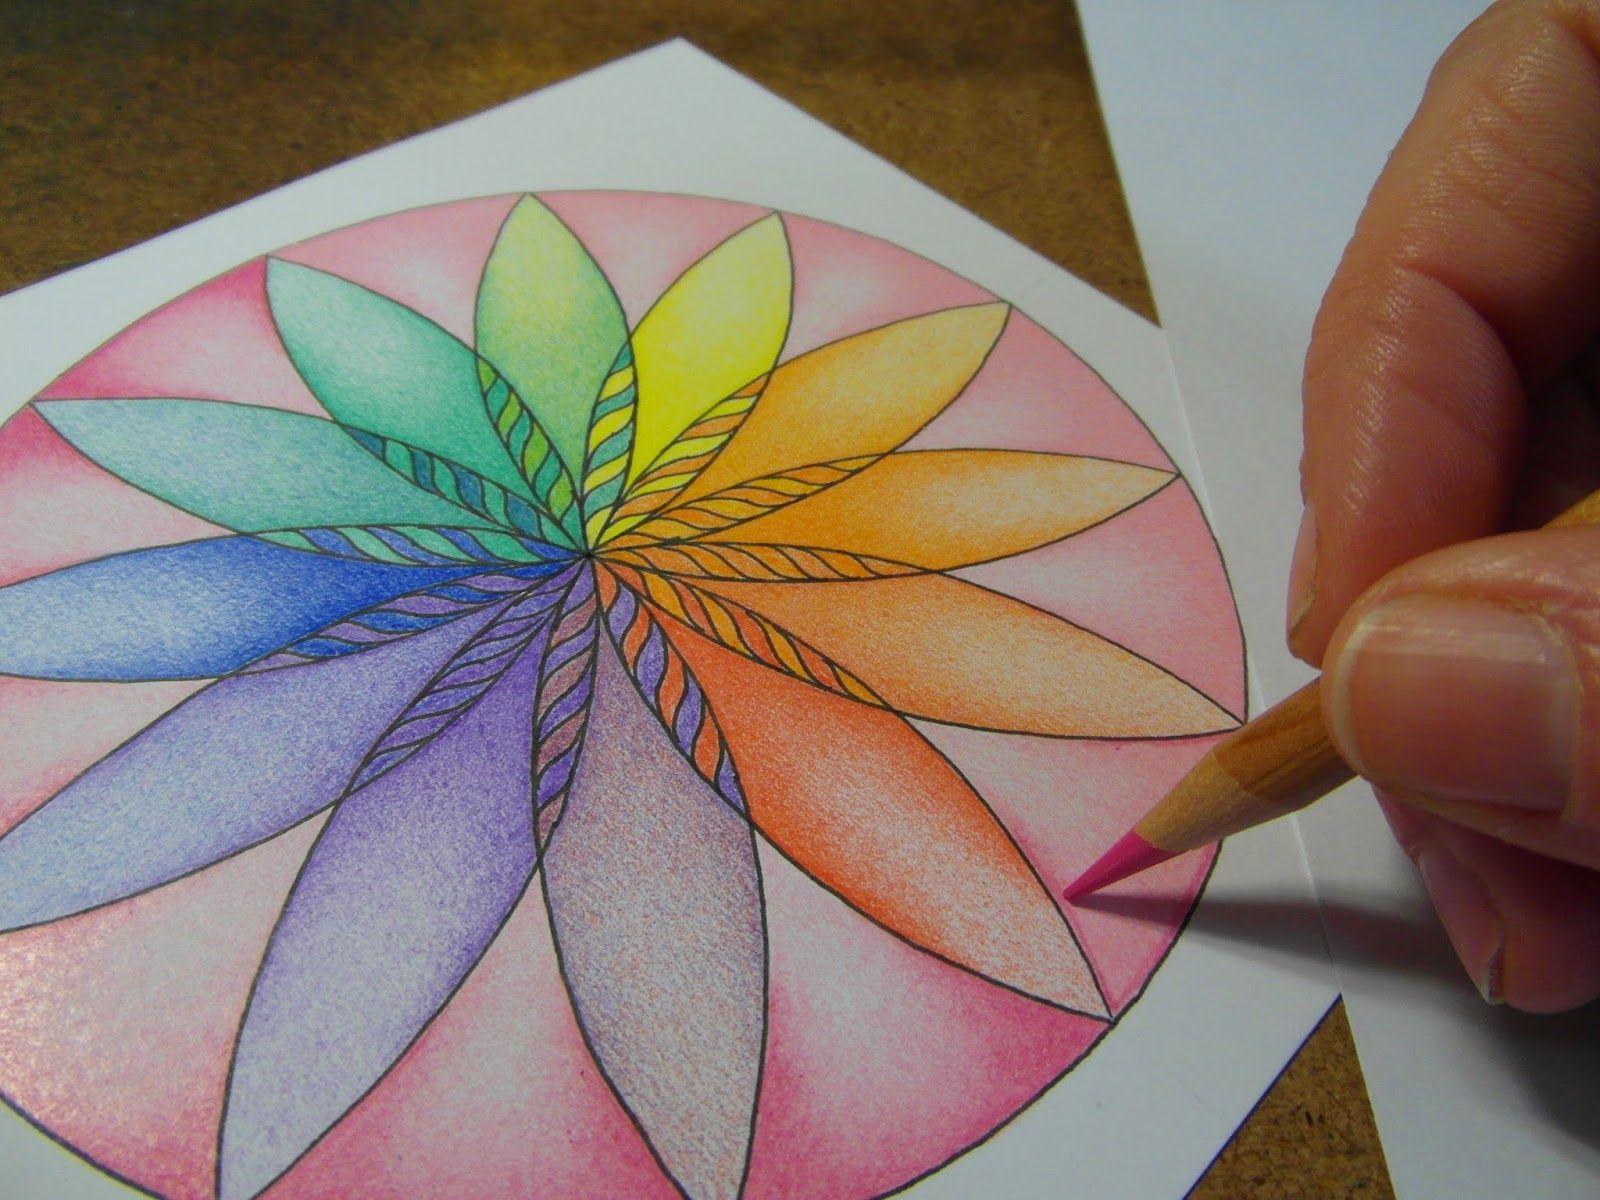 Mooie heldere manier om te leren inkleuren met diepte en werken met overgangen in verschillende (naaste) kleuren.